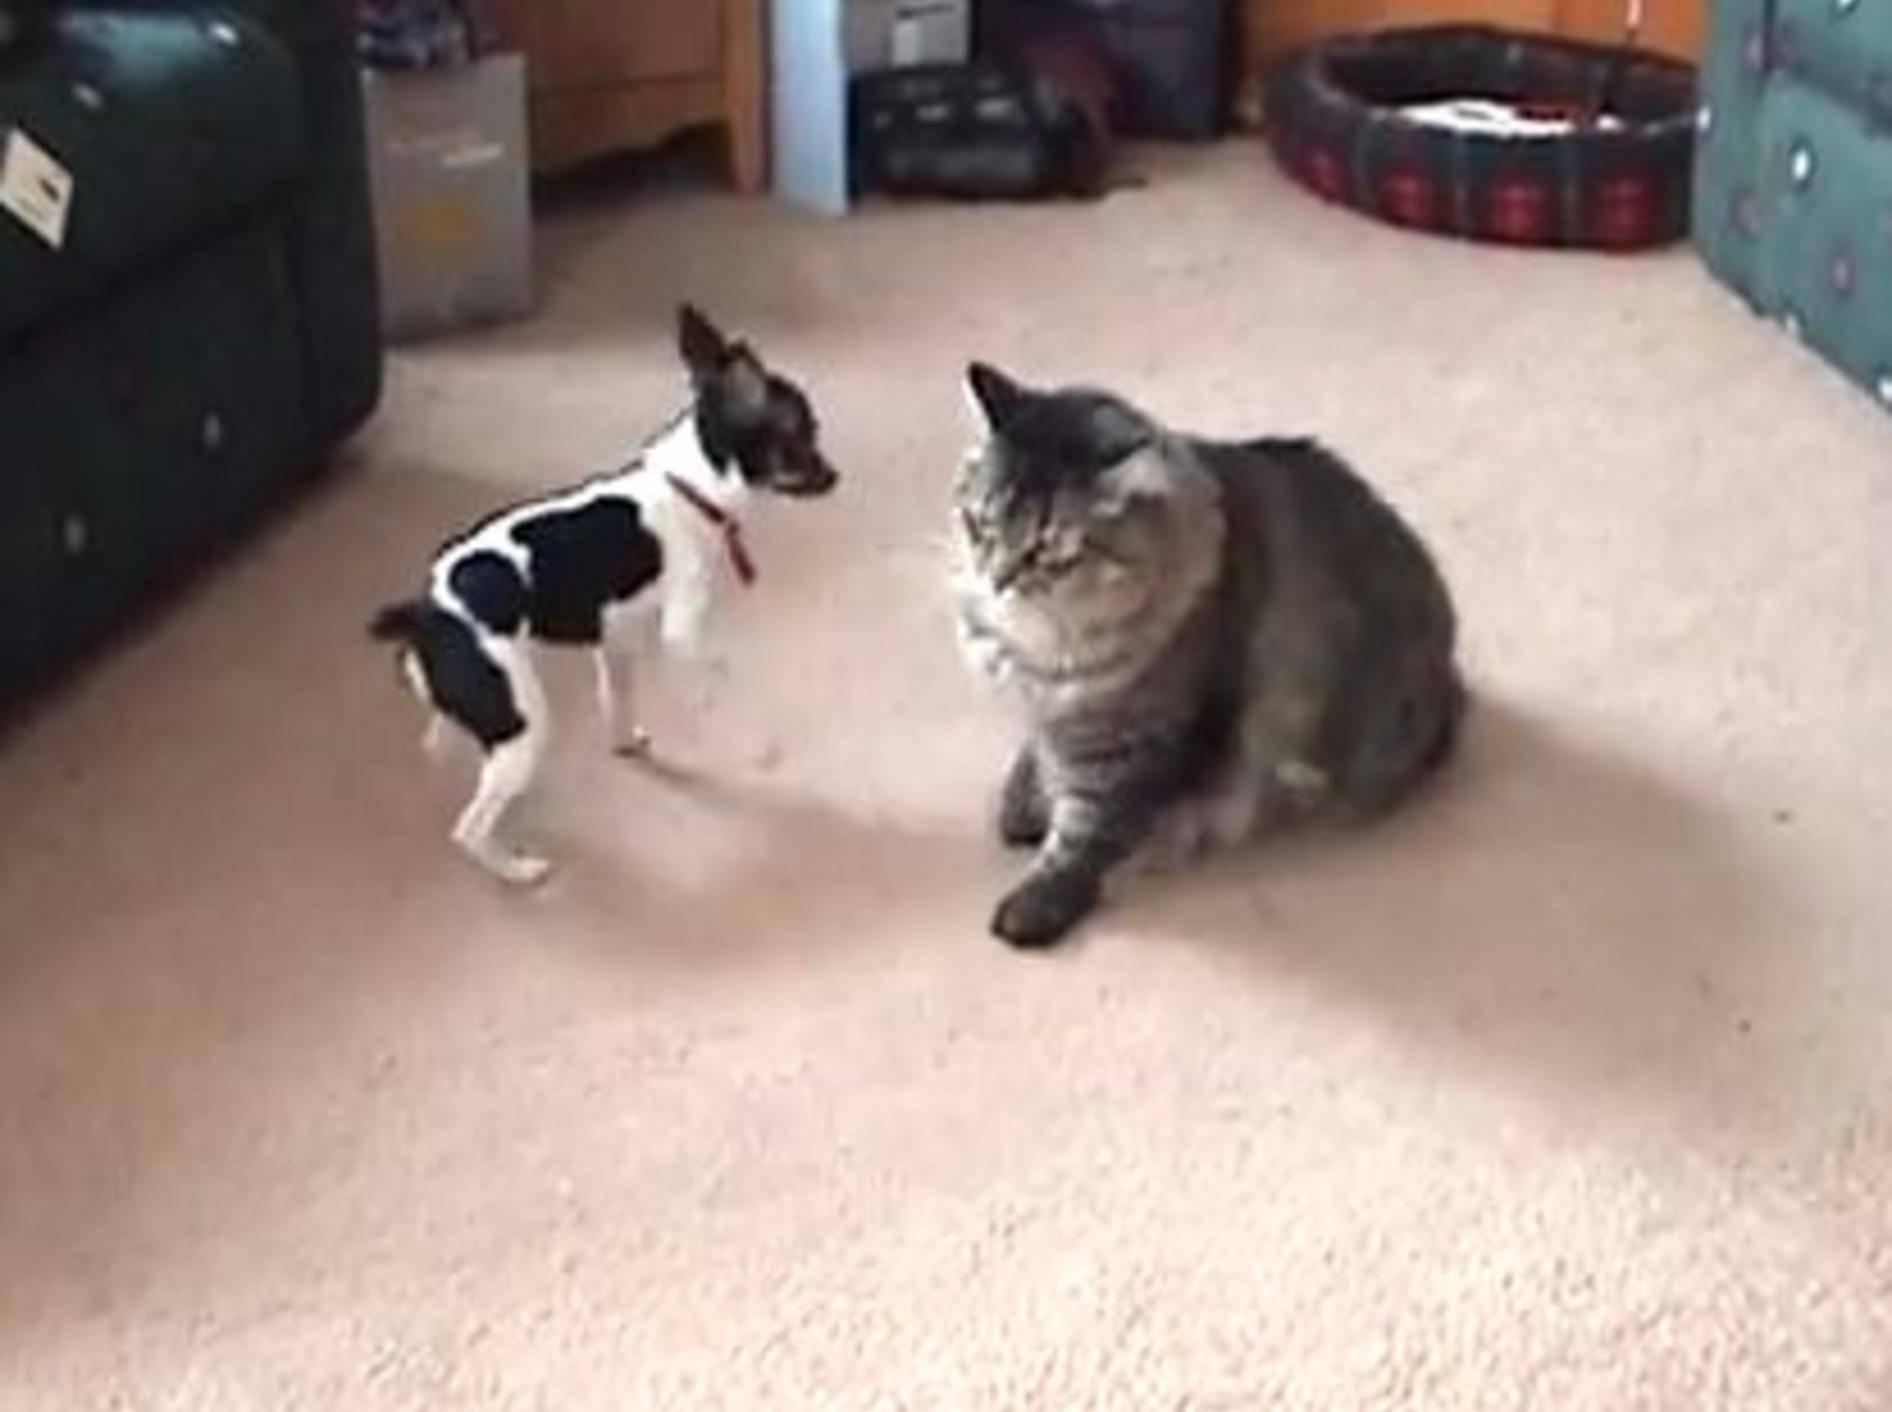 Große Katze, kleiner Hund: Maine Coon spielt mit Jack Russell — Bild: Youtube / LW13323